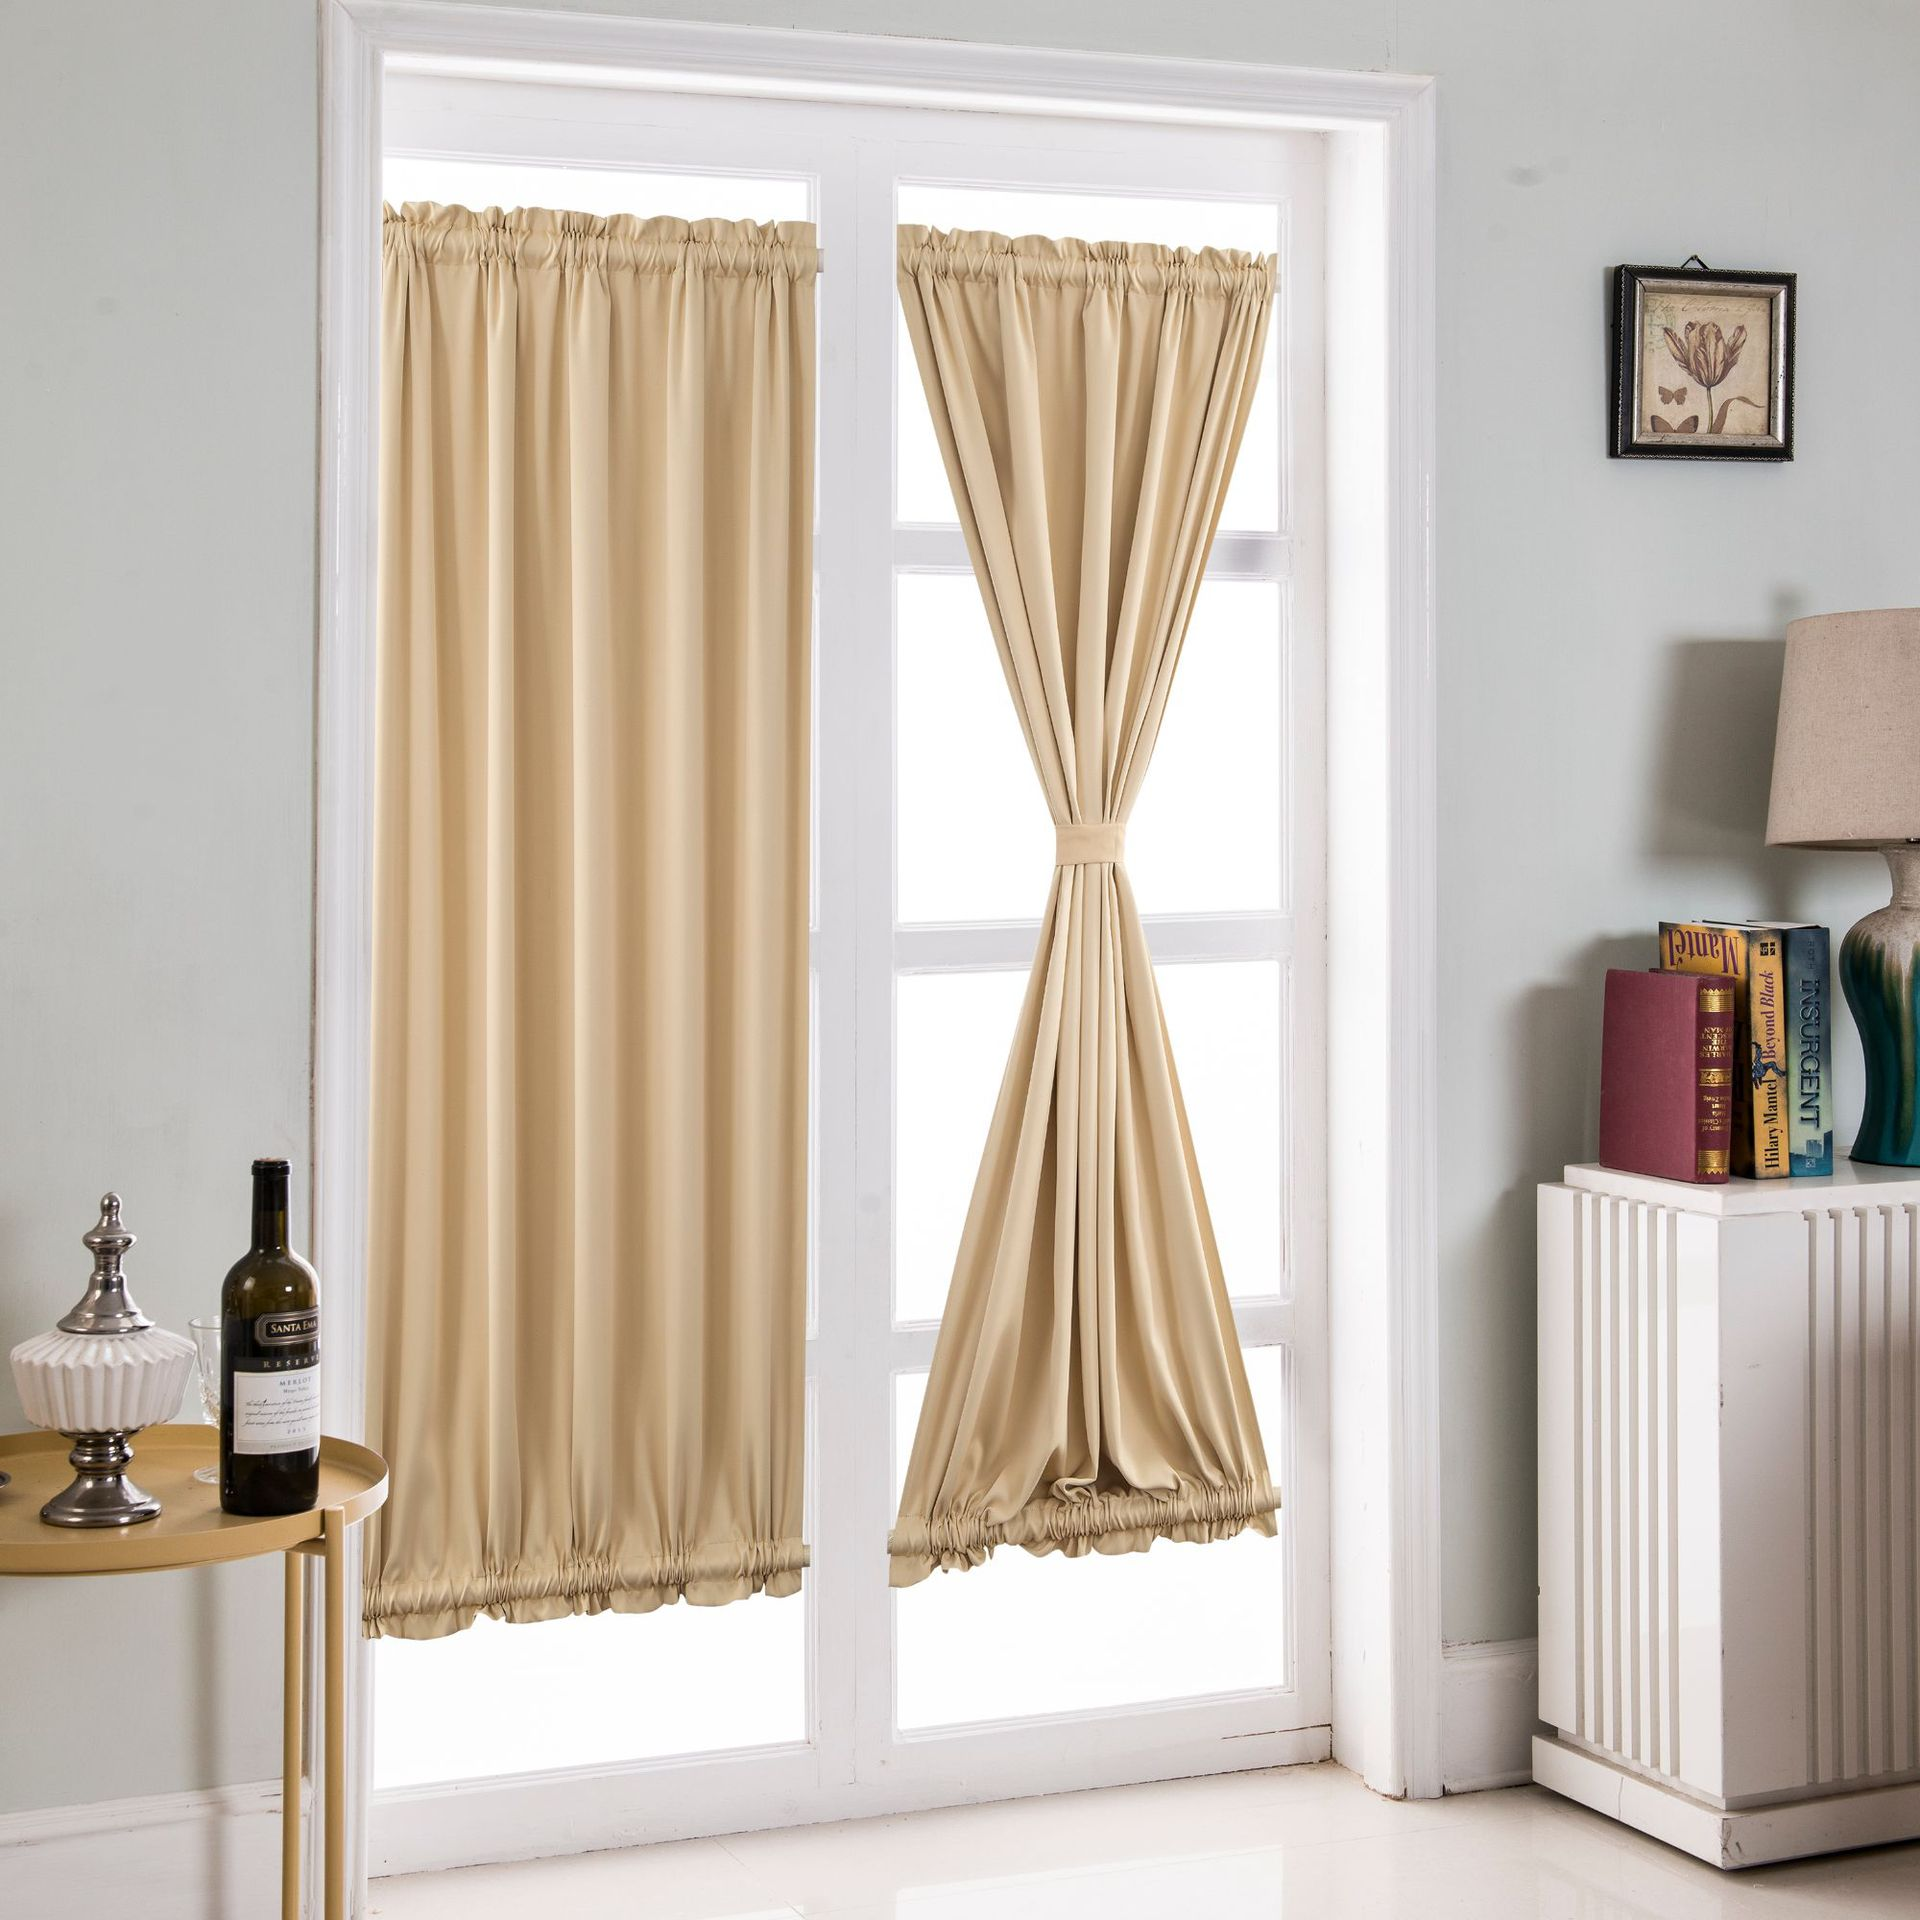 厂家直销出口窗帘成品批发纯色遮光布批发亚马逊法式门窗帘穿杆帘